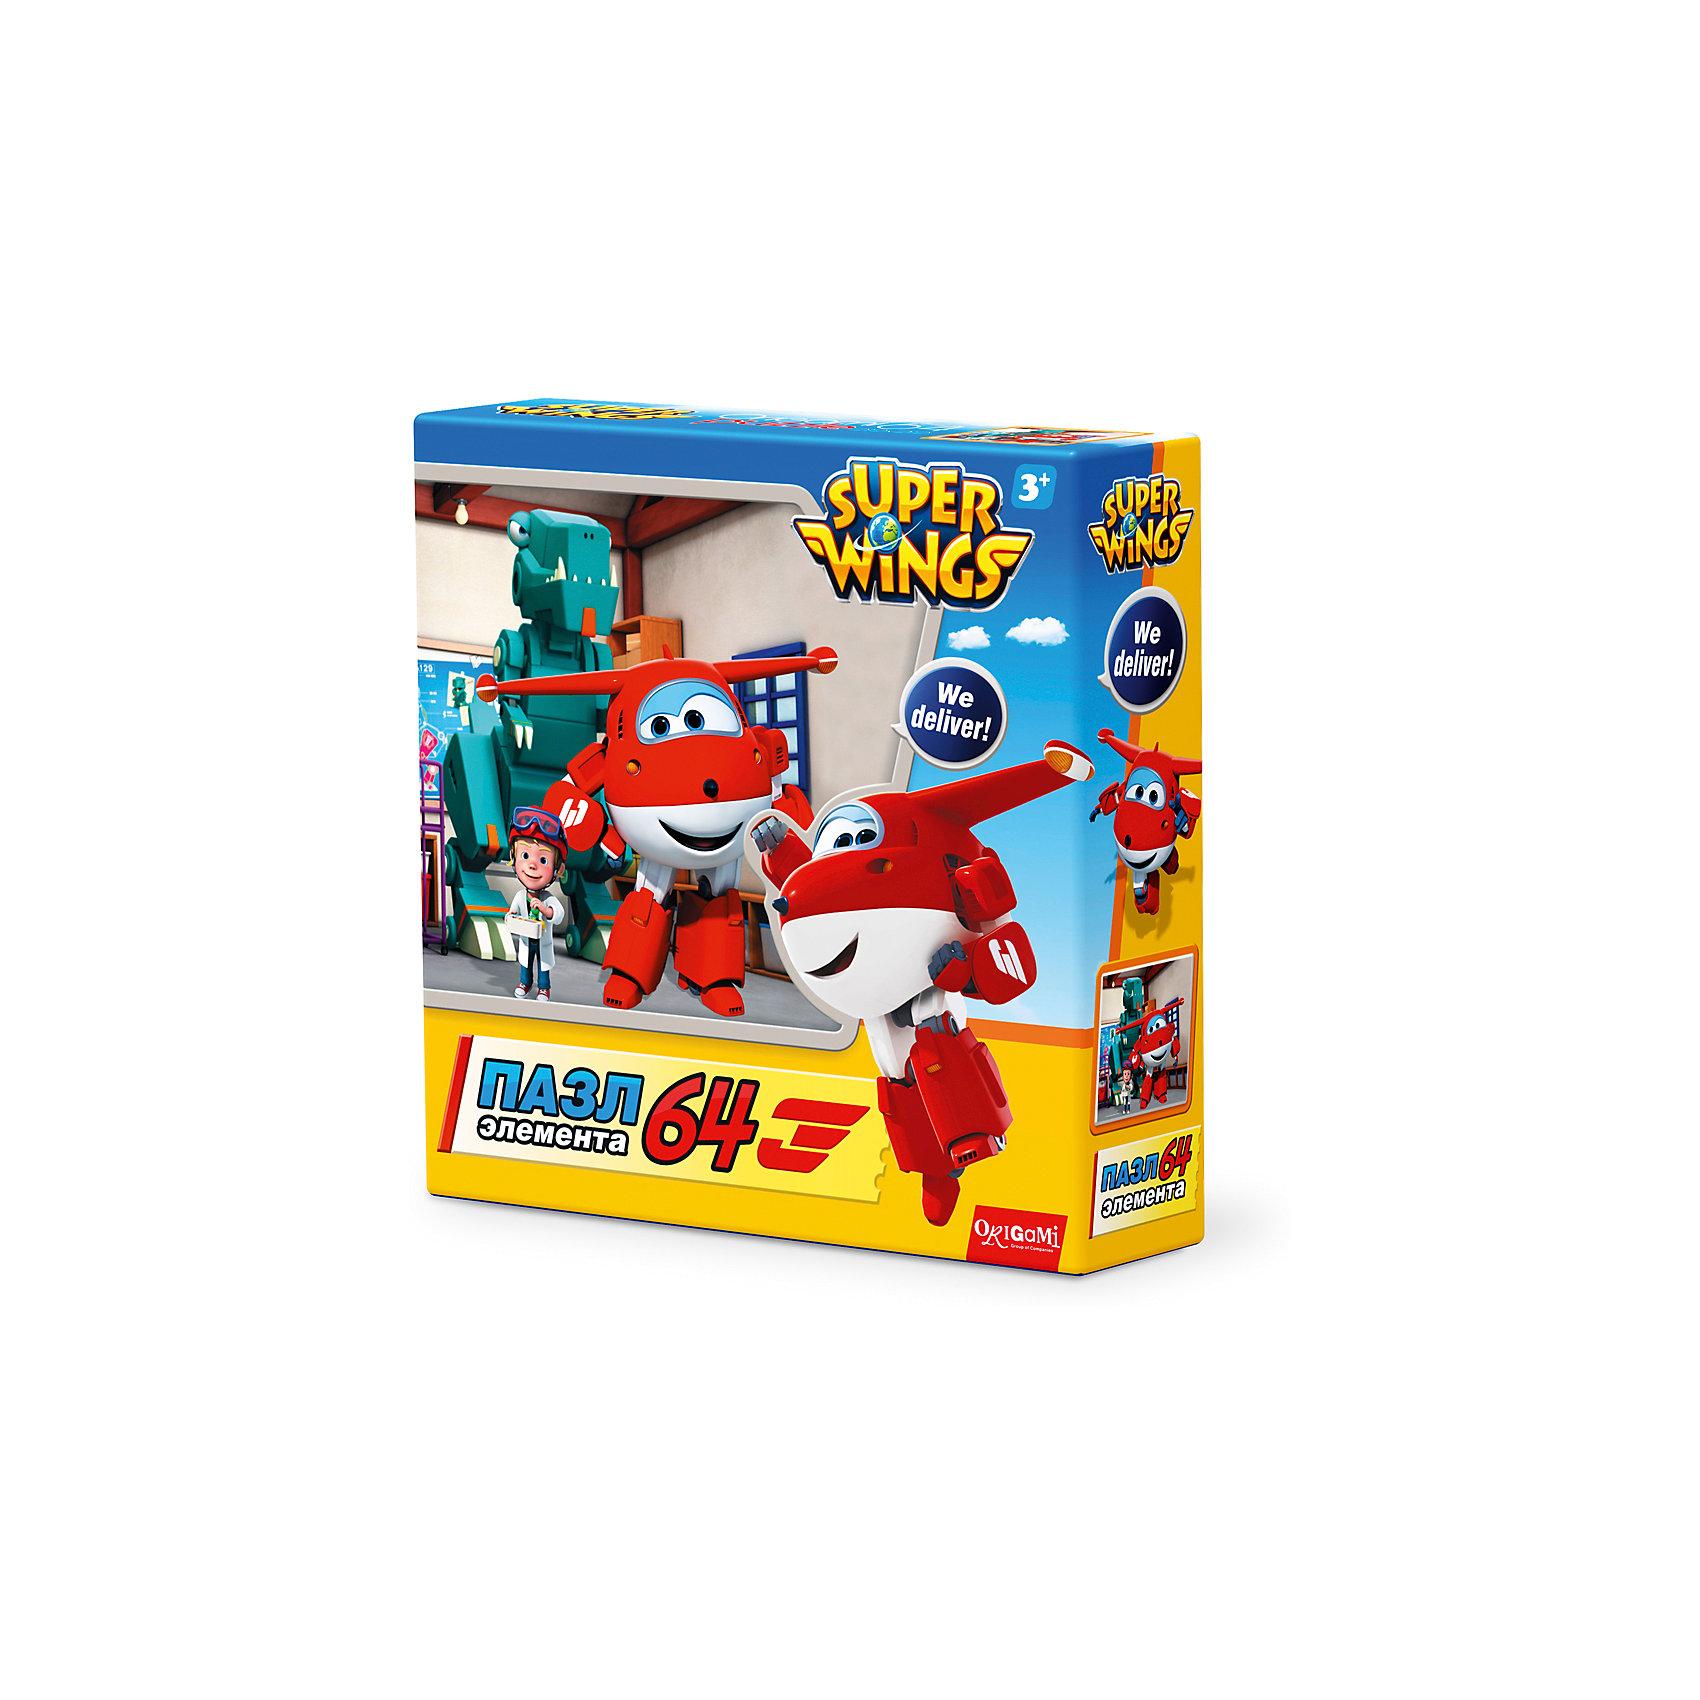 Пазл Полет в Данию, Super Wings, OrigamiПазлы для малышей<br>Пазл Полет в Данию, Super Wings, Origami<br><br>Характеристики:<br><br>• Количество деталей: 64 шт.<br>• Размер упаковки: 15 * 4,5 * 15 см.<br>• Размер готовой картинки: 21 * 21 см.<br>• Состав: картон<br>• Вес: 100 г.<br>• Для детей в возрасте: от 3 лет<br>• Страна производитель: Россия<br><br>Лицензионный пазл с оригинальным дизайном соответствует высоким стандартам, которые подтверждены сертификатами качества. Пазл отлично собирается, некоторые части картинки повторяются по цвету, это сделает сборку немного сложнее и интереснее. Закончив сборку вы можете склеить кусочки превратив пазл в красивую картину, или можете разобрать его и снова собрать позже. <br><br>Пазл Полет в Данию, Super Wings, Origami можно купить в нашем интернет-магазине.<br><br>Ширина мм: 150<br>Глубина мм: 45<br>Высота мм: 150<br>Вес г: 100<br>Возраст от месяцев: 36<br>Возраст до месяцев: 72<br>Пол: Унисекс<br>Возраст: Детский<br>SKU: 5528435